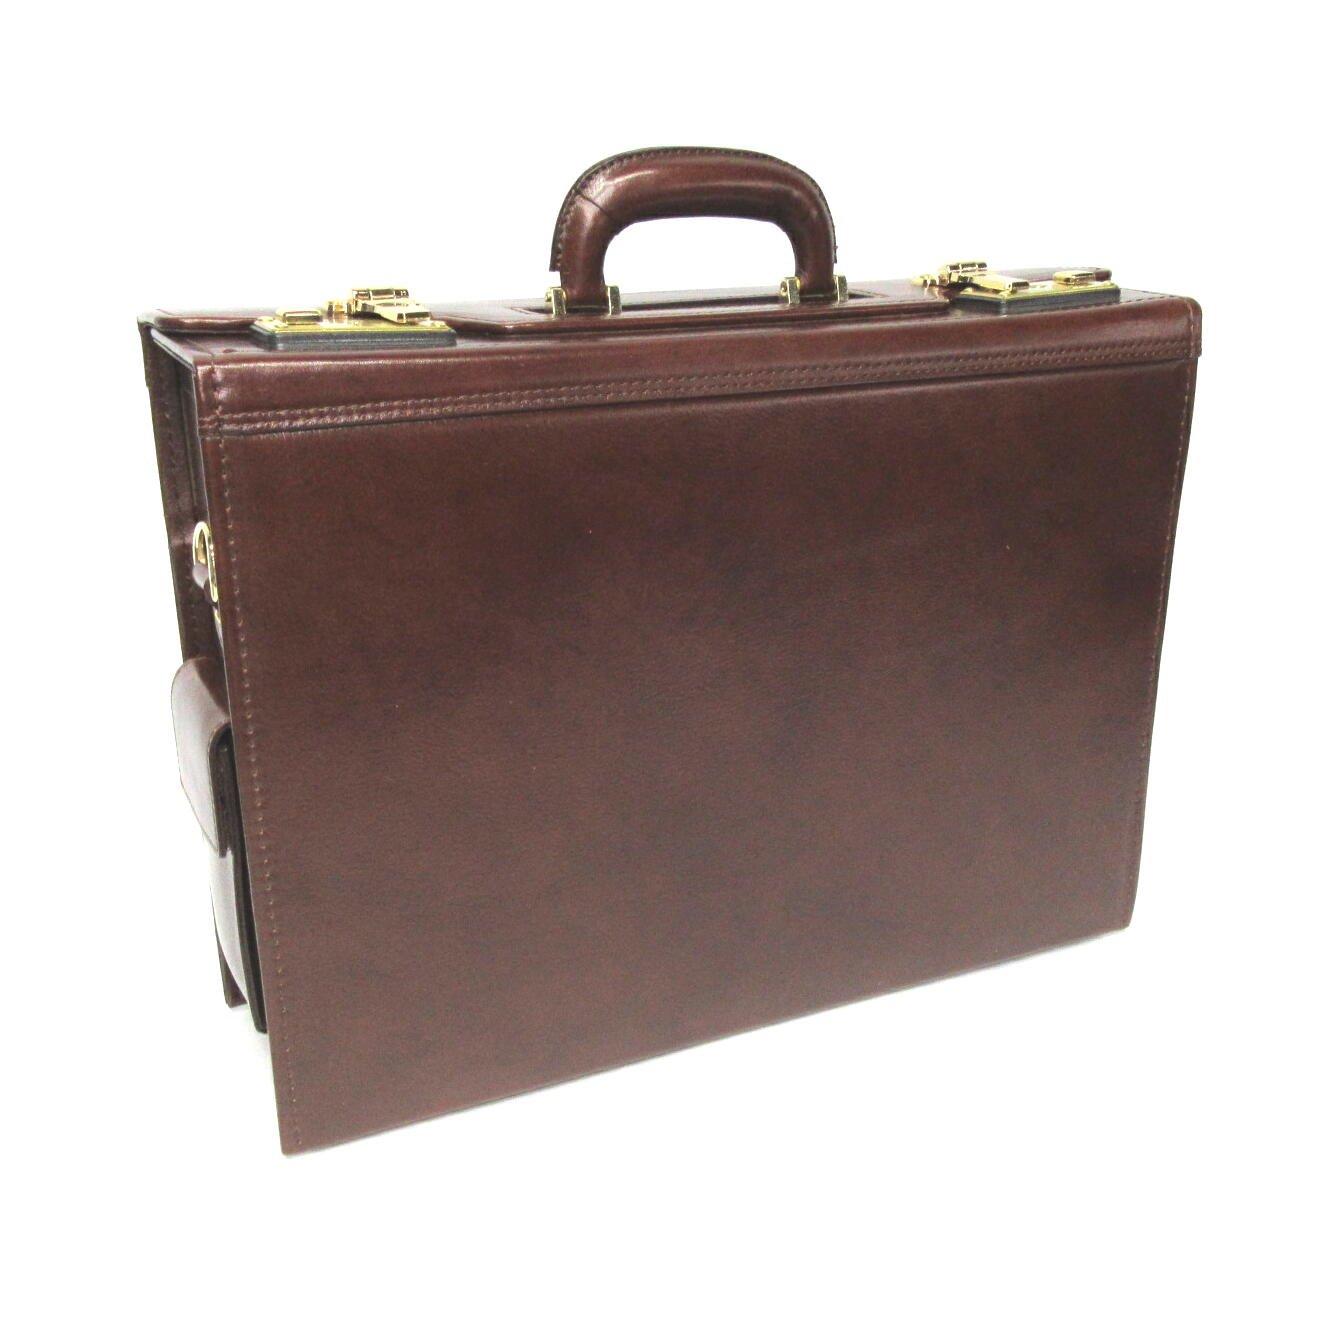 シーザー[バロン2]本革製フライトケース15505 B009TI3272 ブラウン/チョコ ブラウン/チョコ